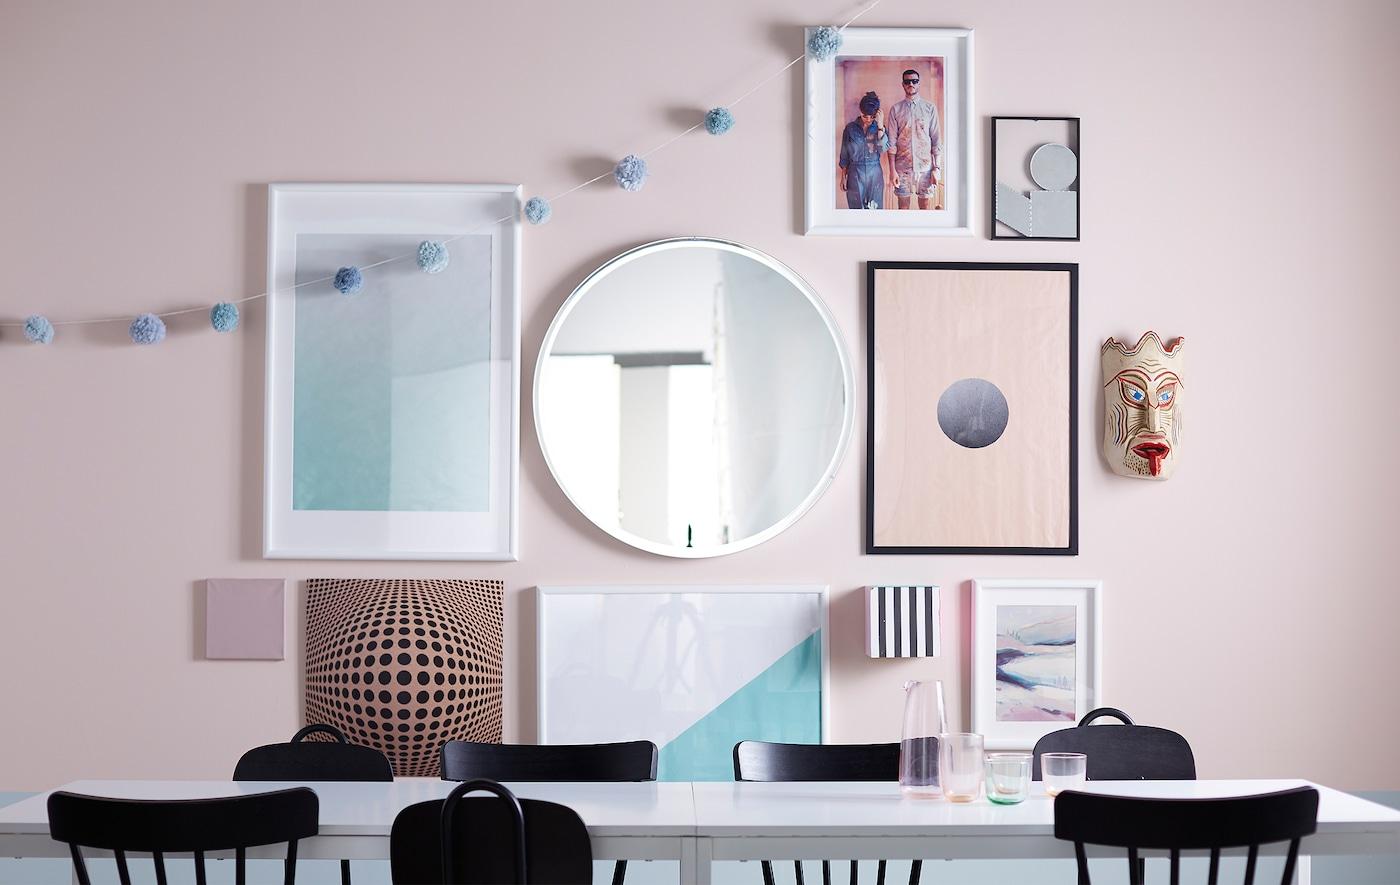 Bildergalerie mit Werken in unterschiedlichen Größen, Spiegel & einigen individuellen Gegenständen